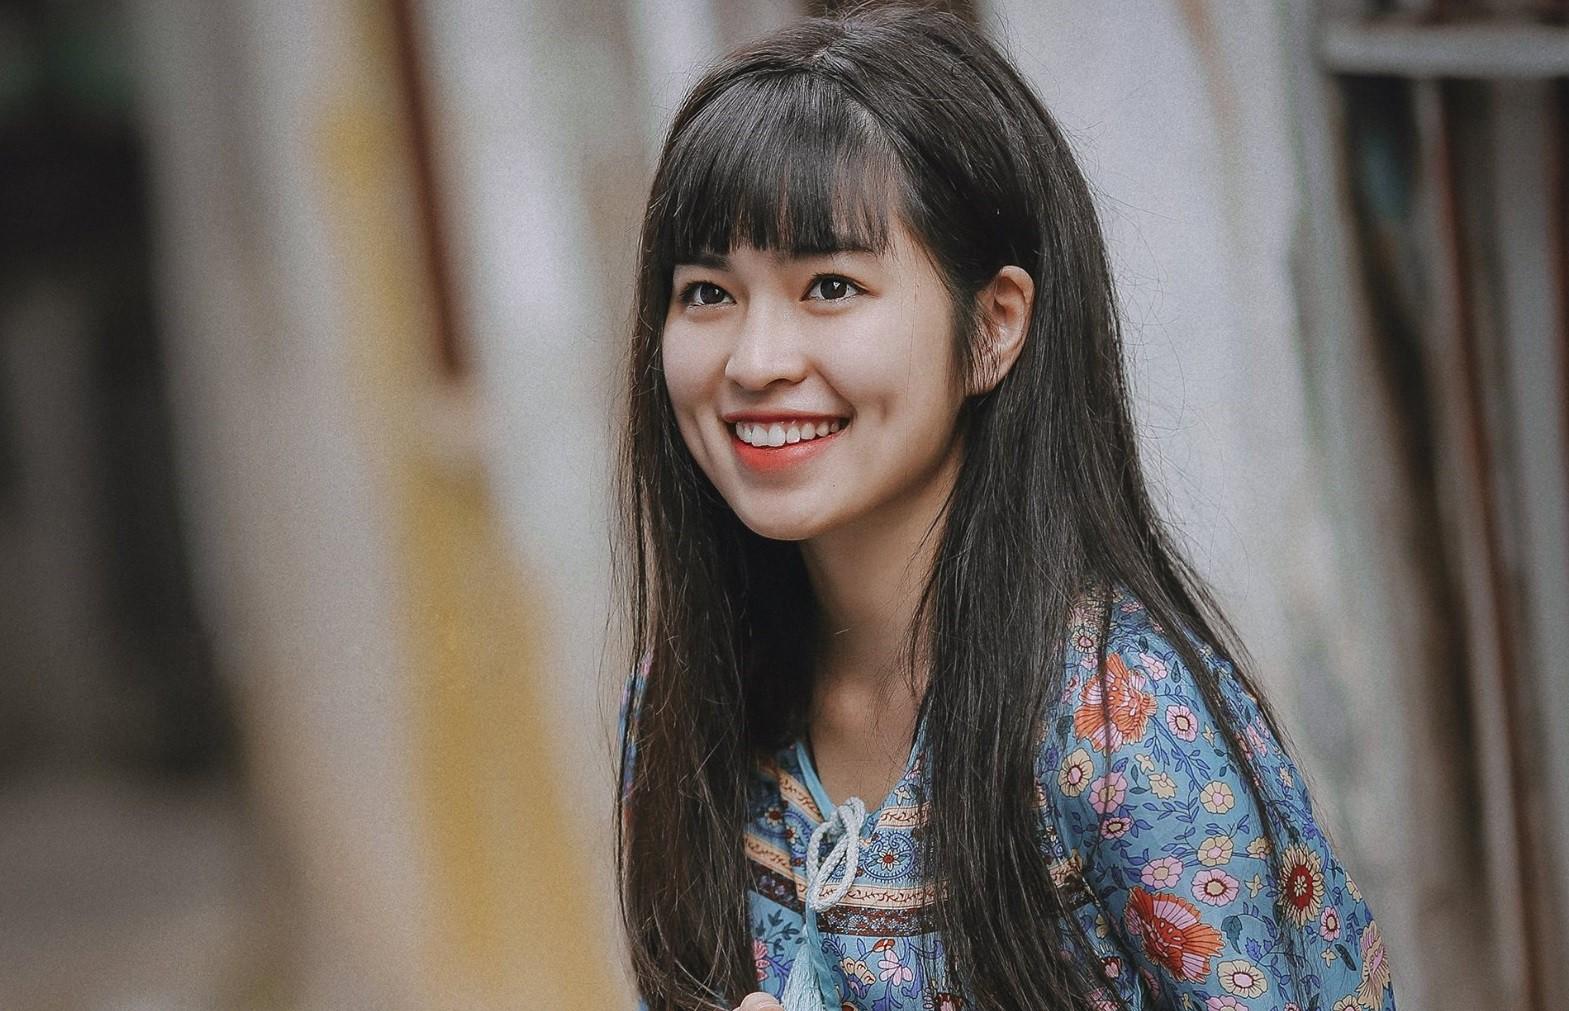 Sắp có một thế hệ hot girl cực xinh được phát hiện nhờ tham gia phim sitcom - Ảnh 3.